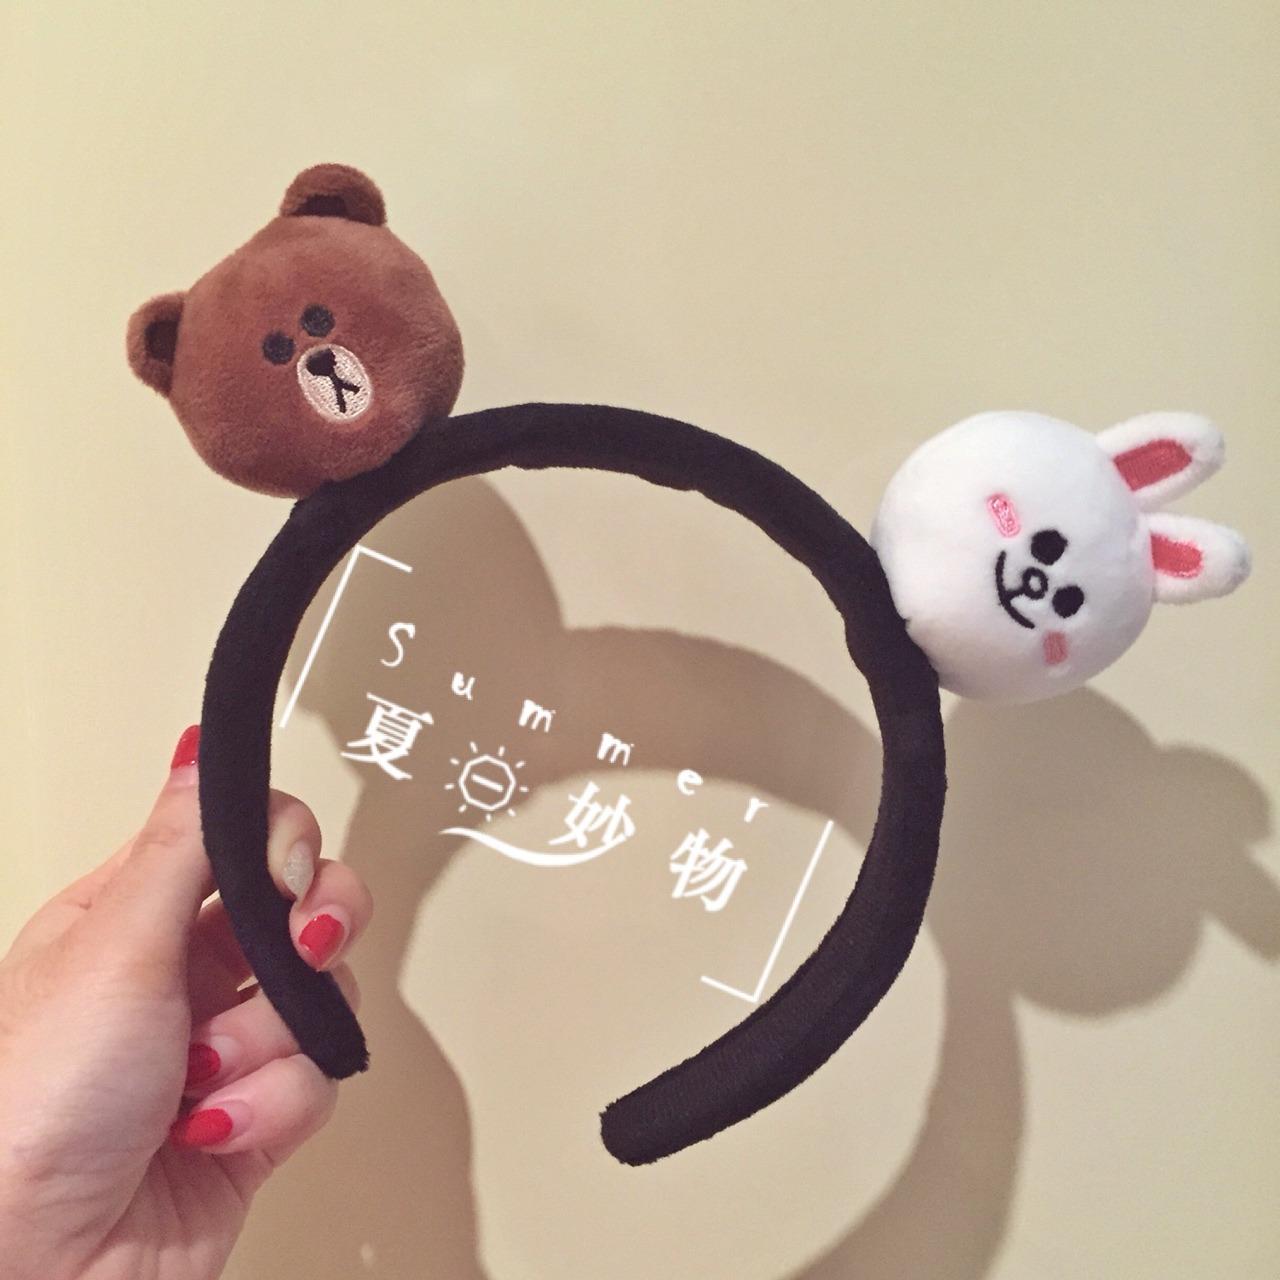 韩国line 发箍,[萌]毛绒发箍布朗熊莎莉鸡可妮兔.